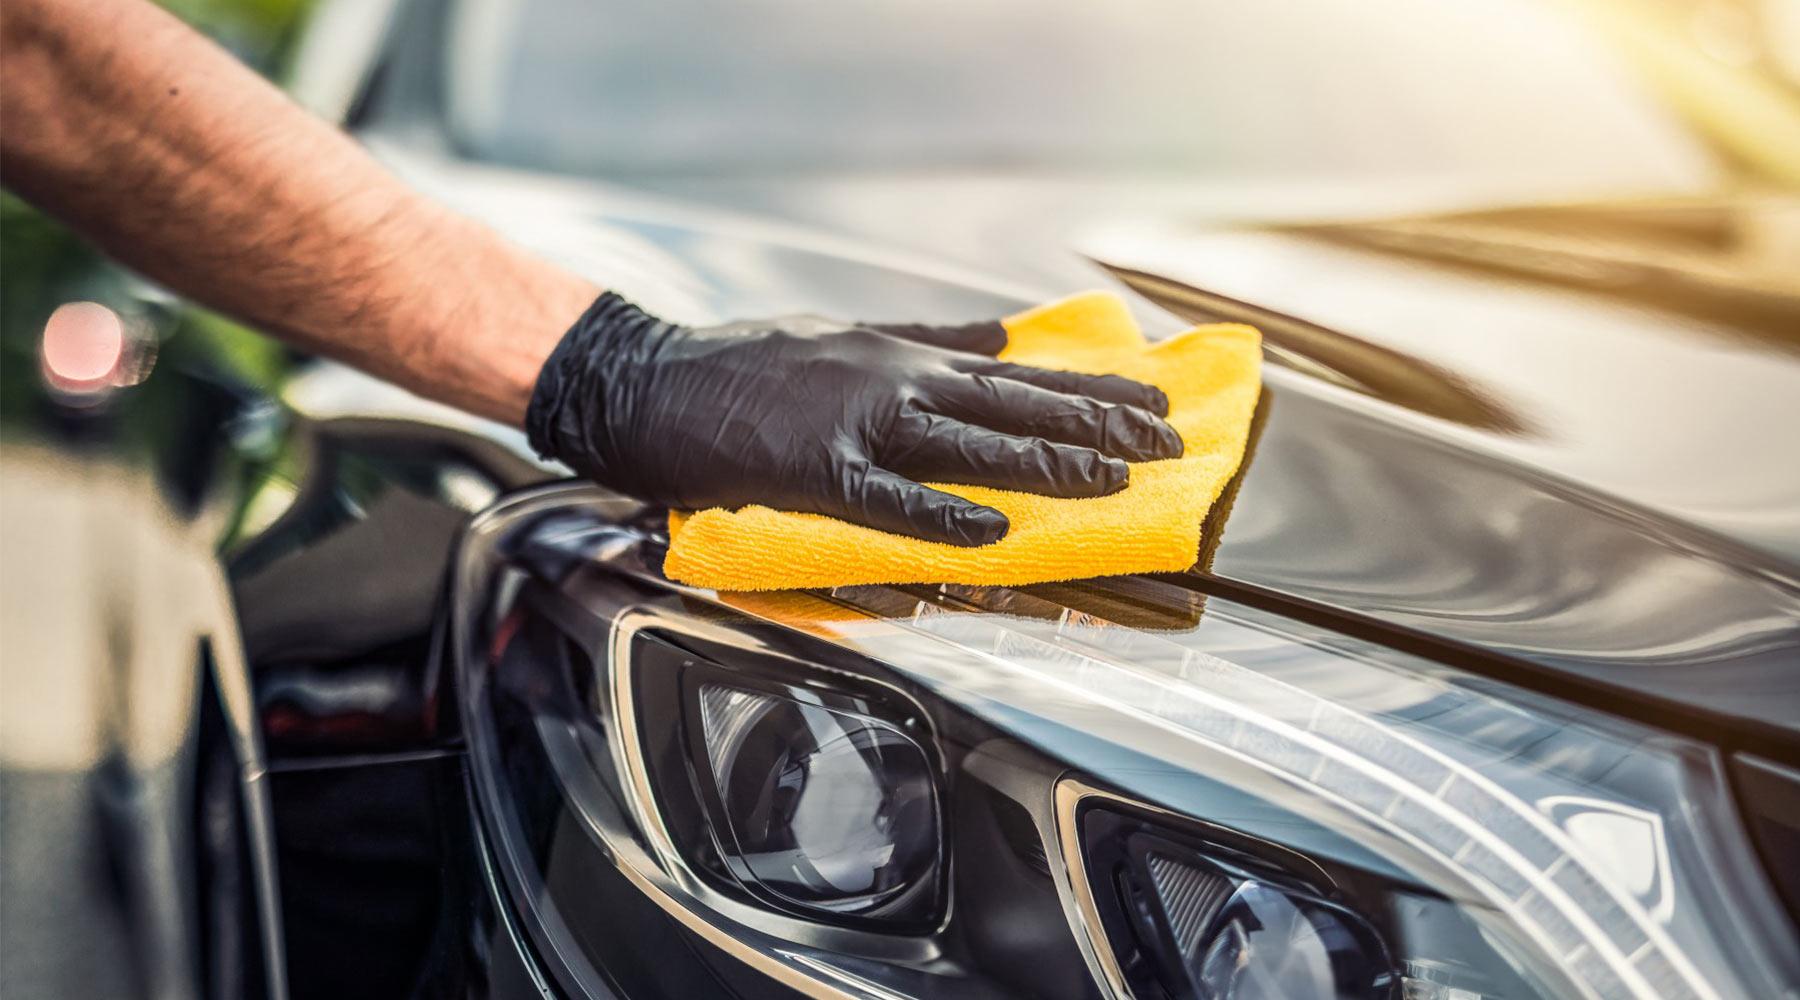 automobile detailing